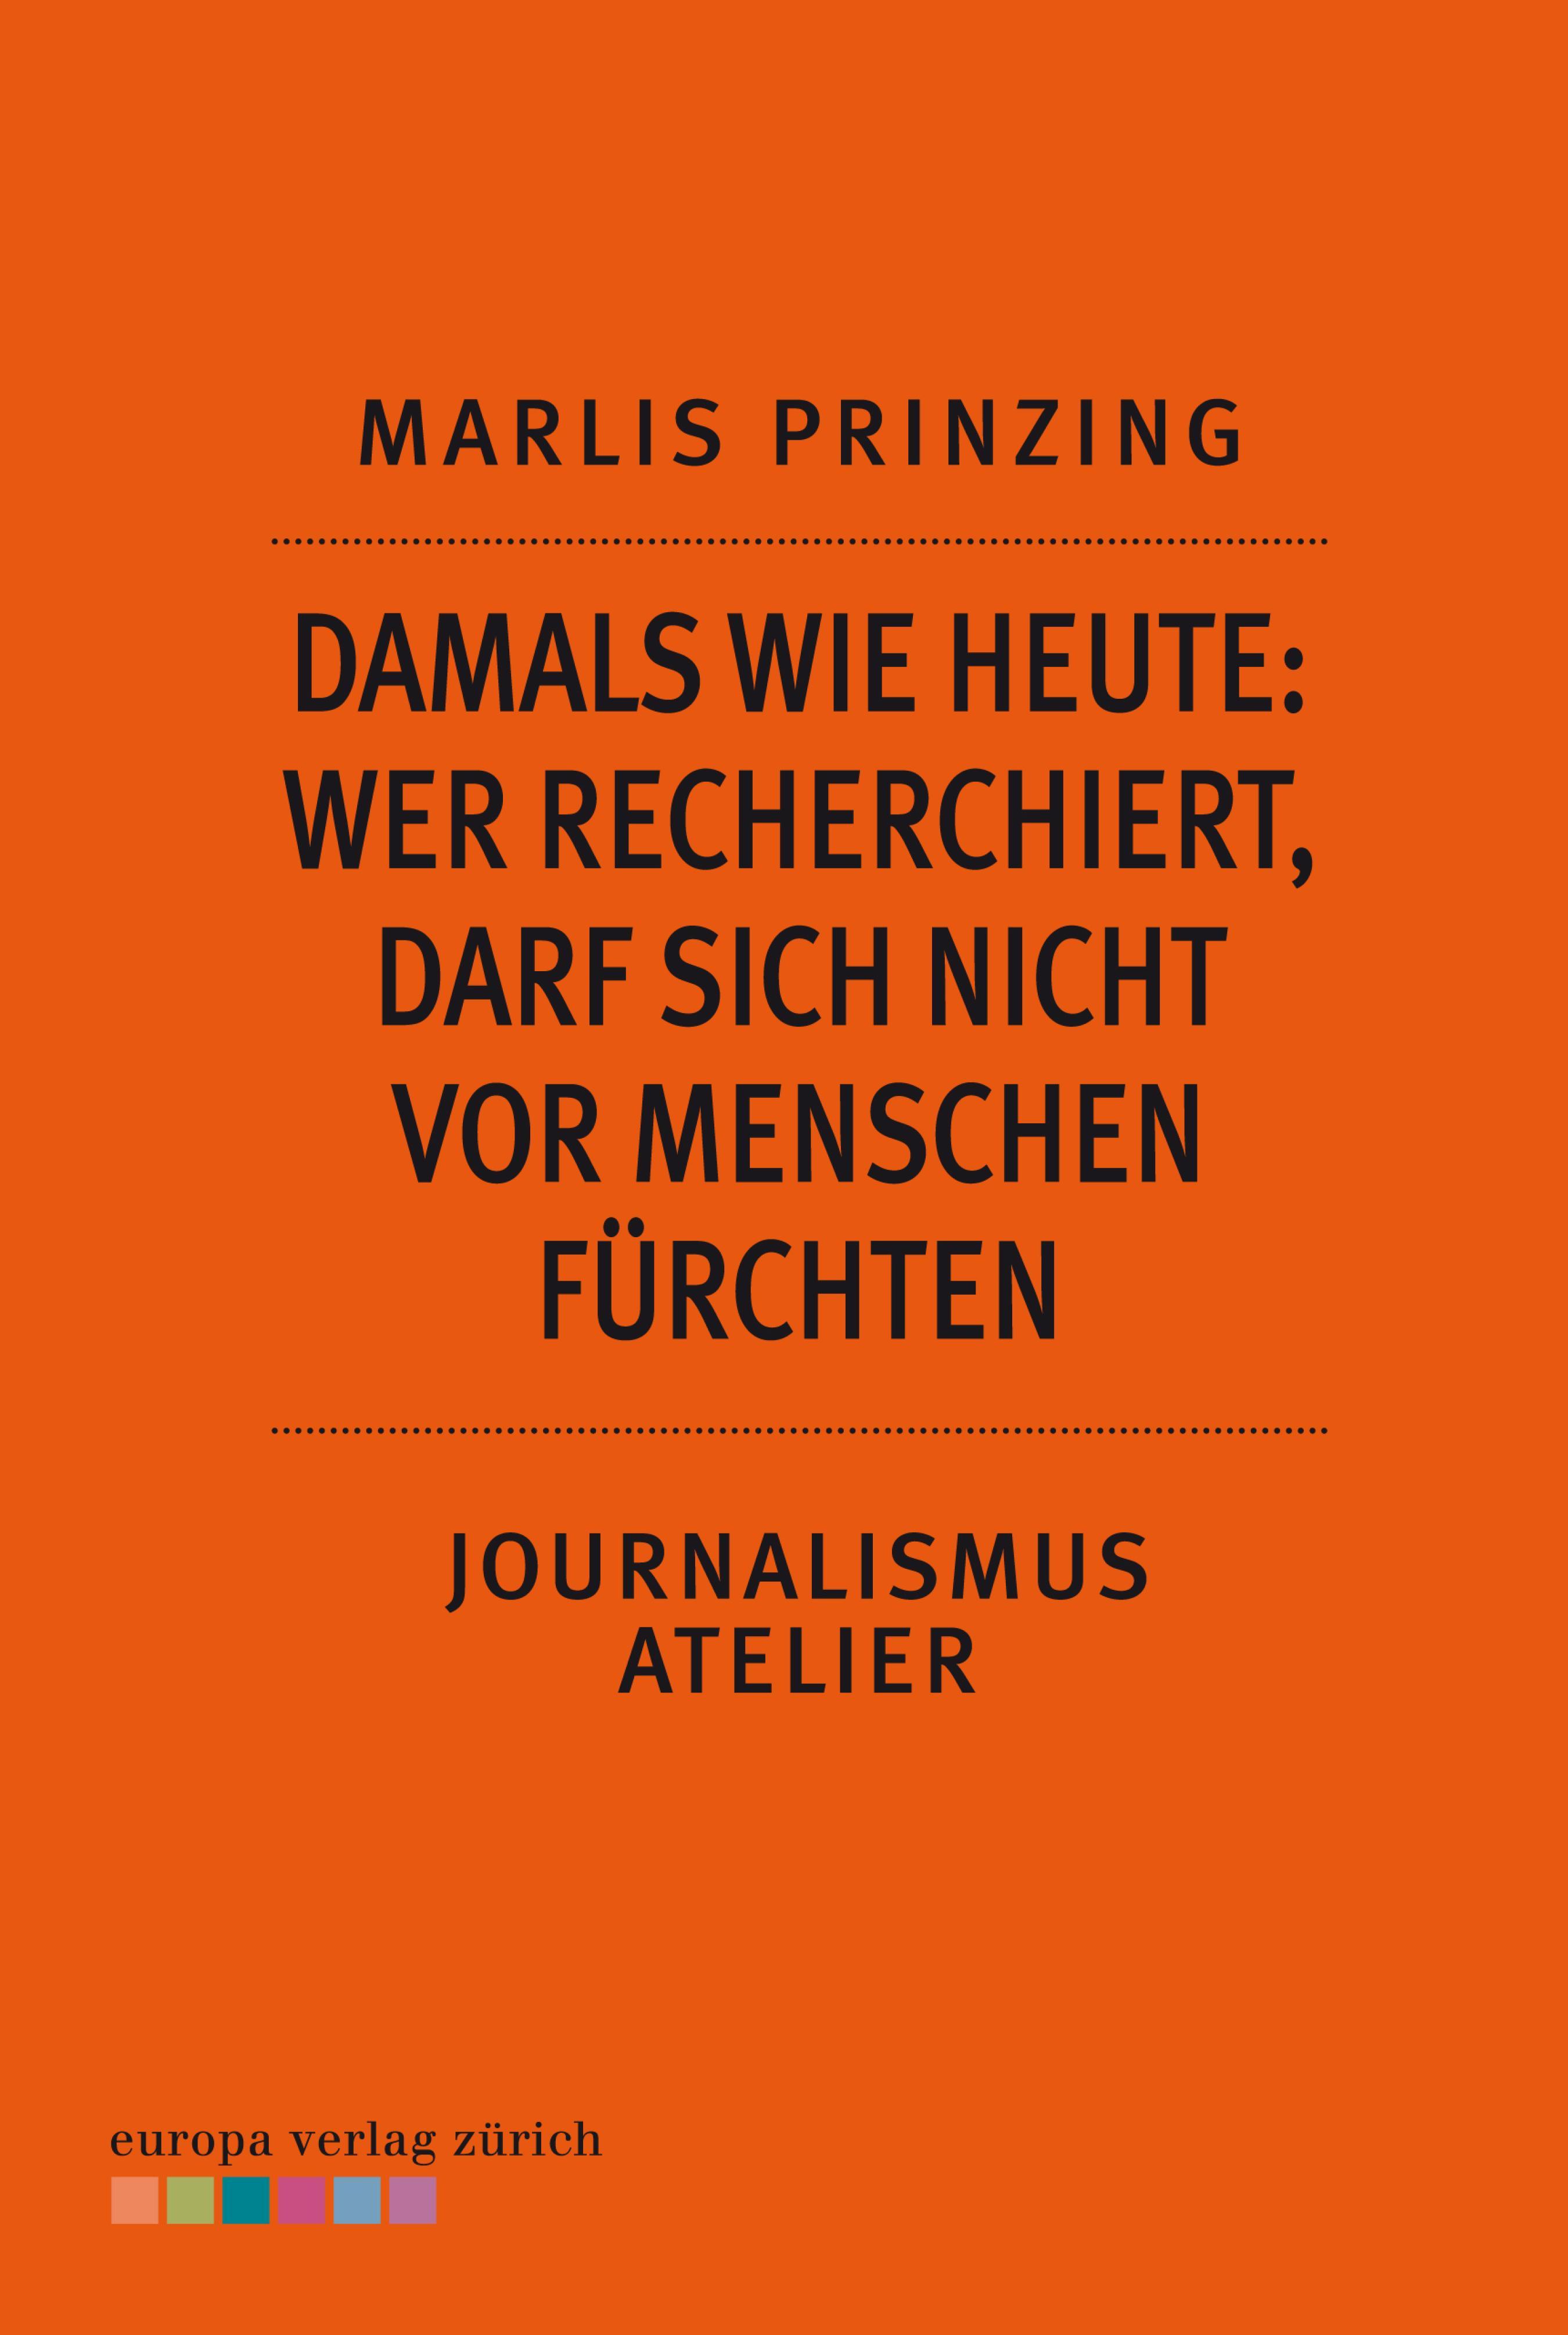 цены Marlis Prinzing Damals wie heute: Wer recherchiert, darf sich nicht vor Menschen fürchten